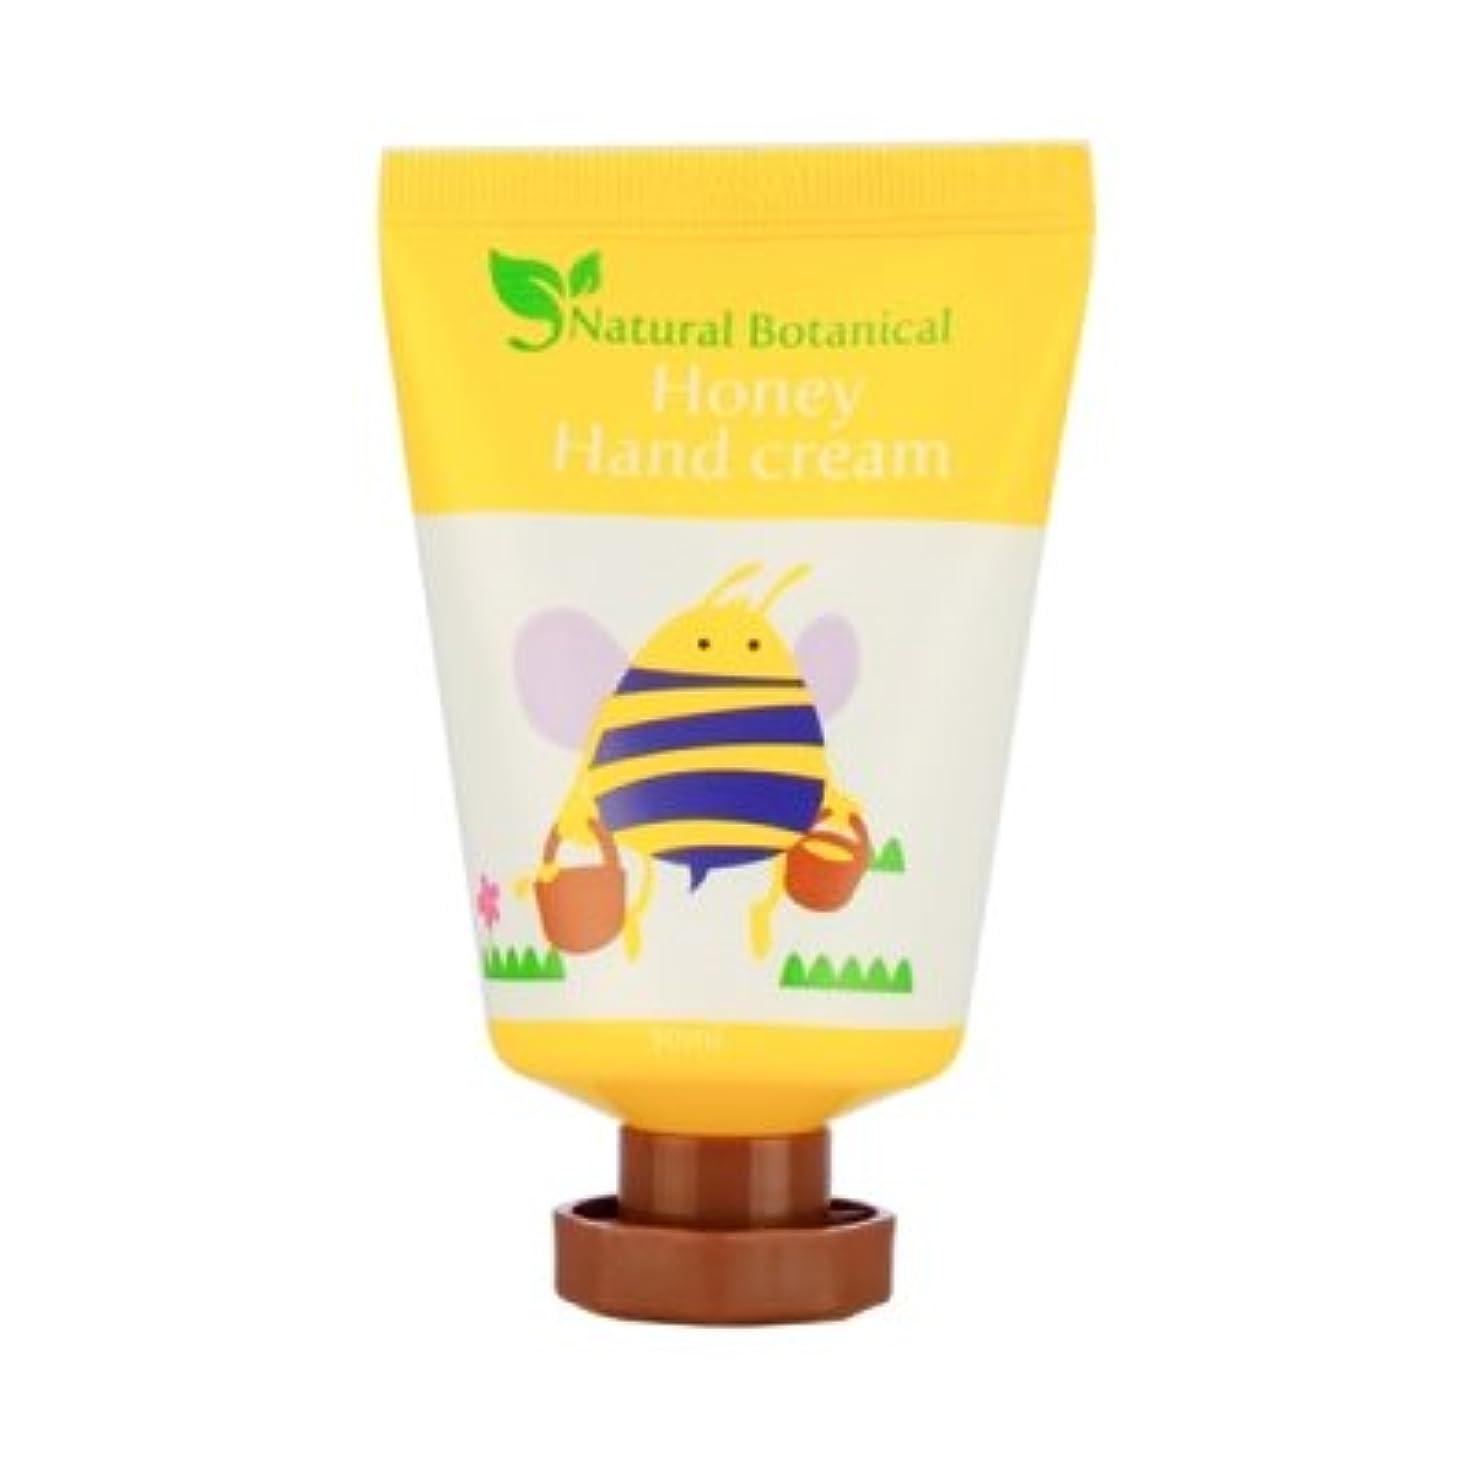 コカインほうき方法論ハヌルホス ハニーハンドクリーム 30ml / Skylake Natural Botanical Honey Hand Cream 30ml [並行輸入品]